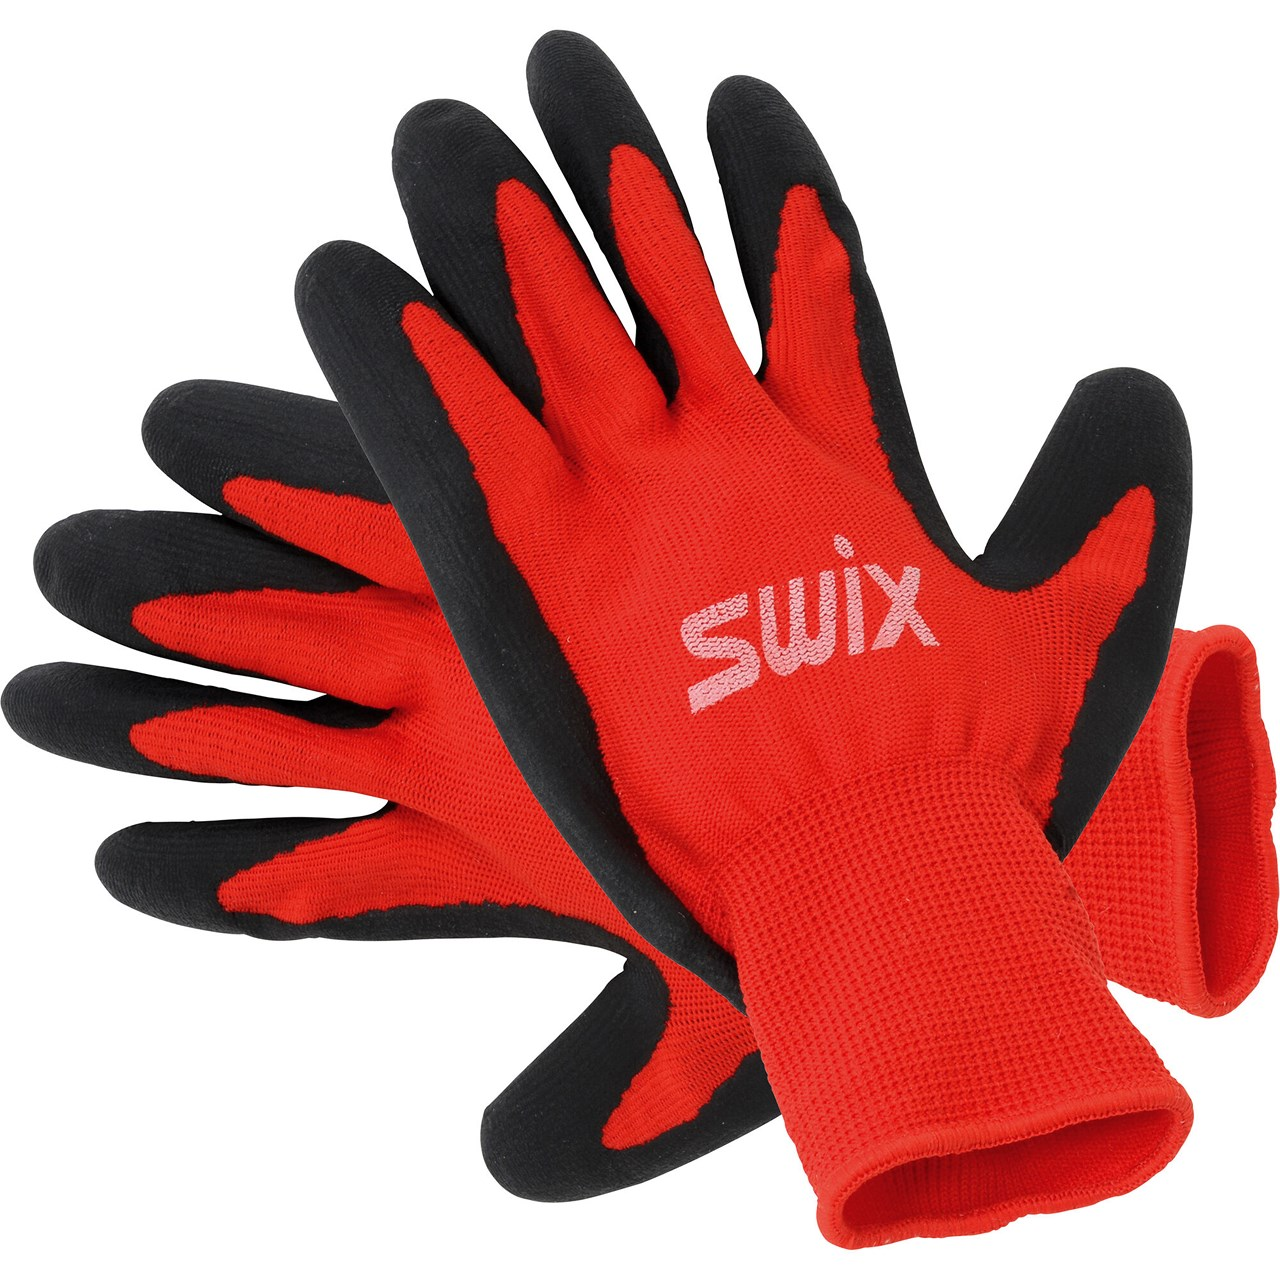 Swix  R196 Tuning glove